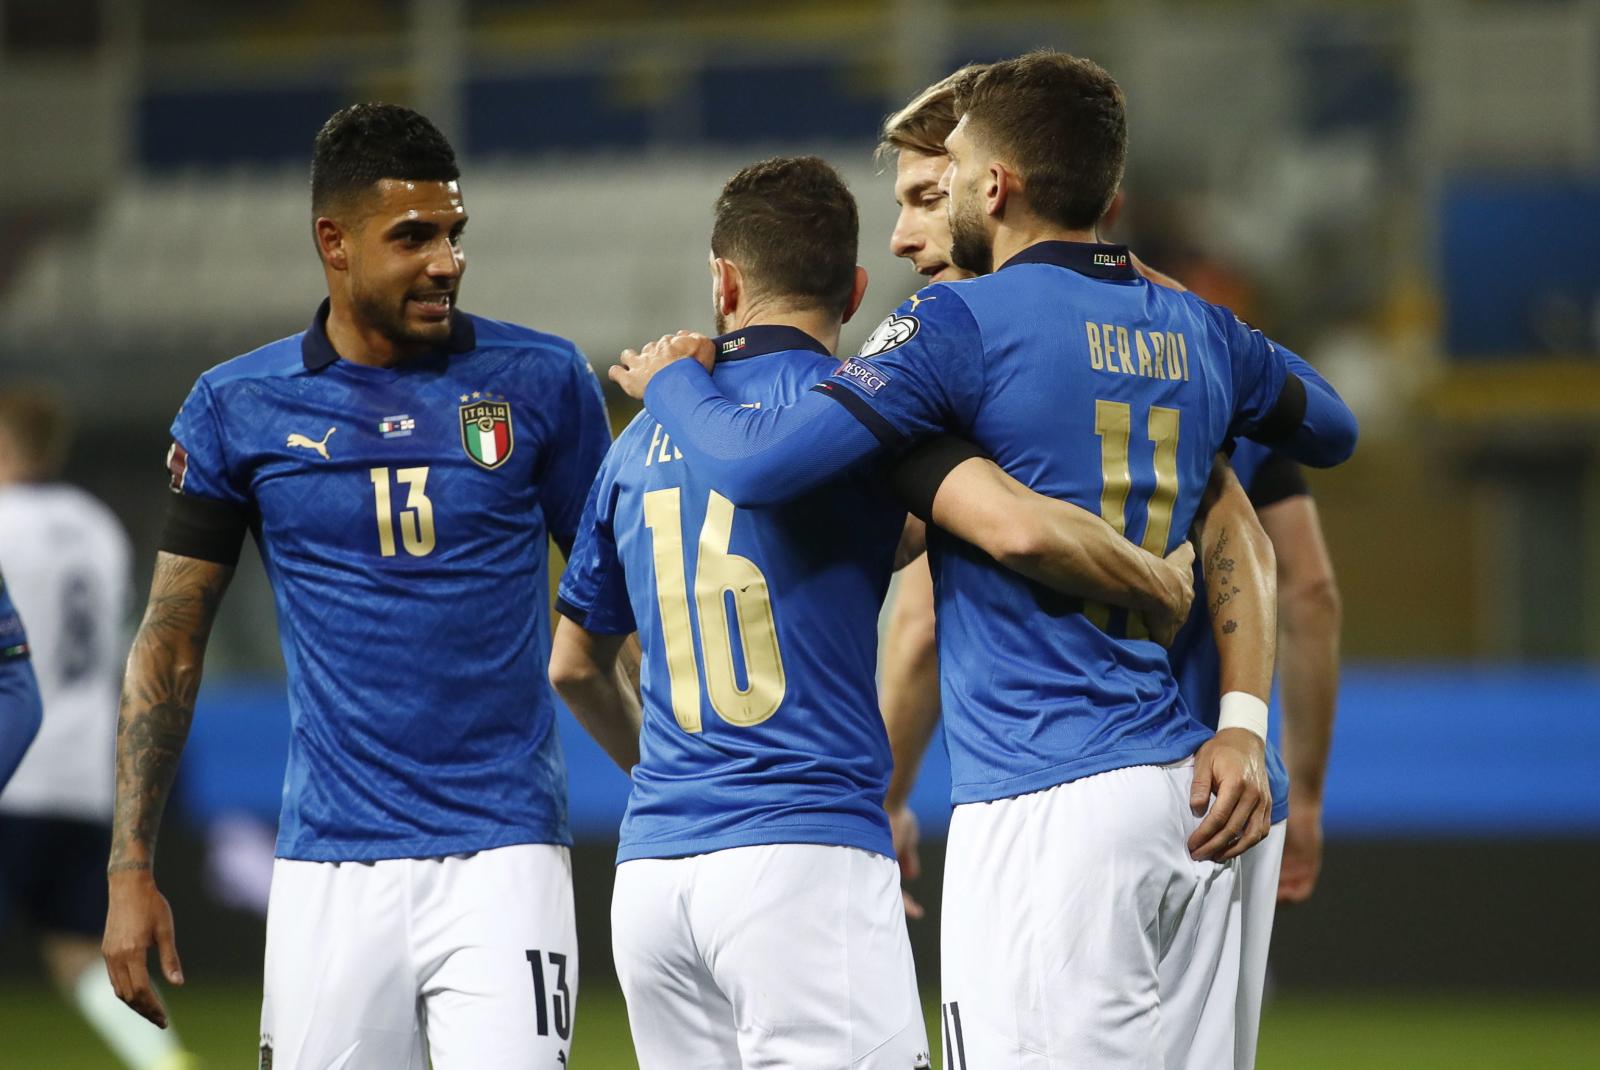 Włosi mogą stracić organizację Euro 2020. UEFA postawiła im ultimatum - Sport WP SportoweFakty